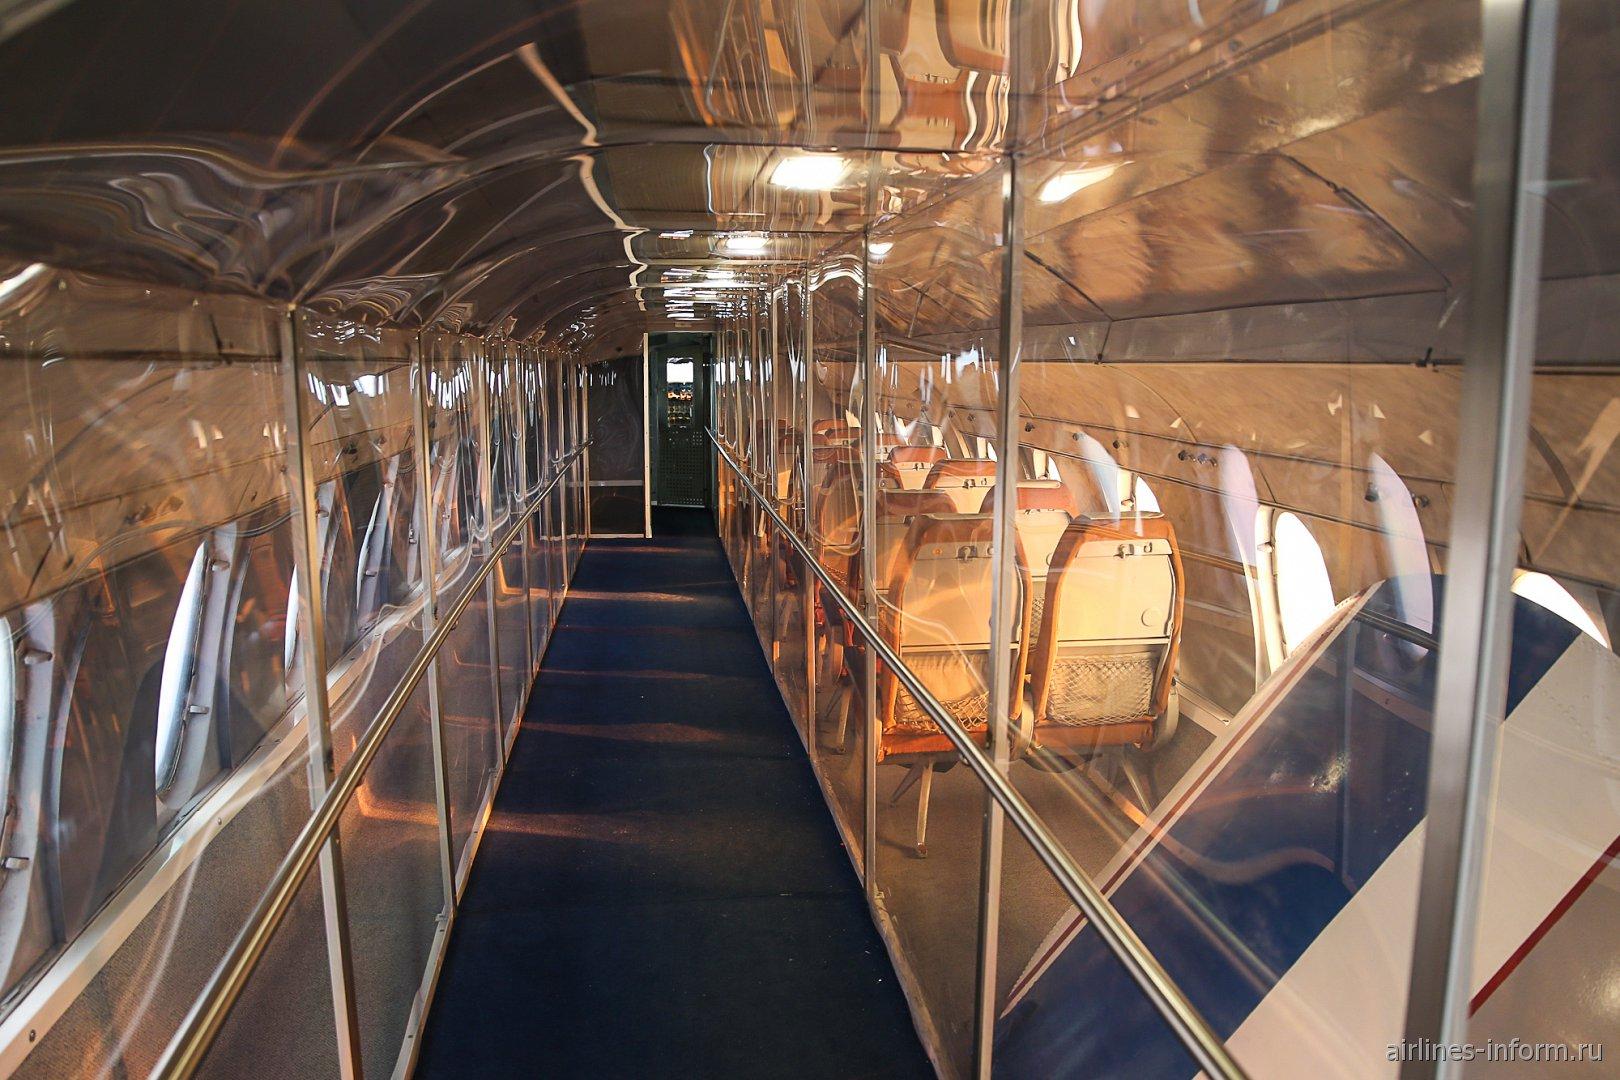 Салон самолета Виккерс Вискаунт в музее техники в Зинсхайме